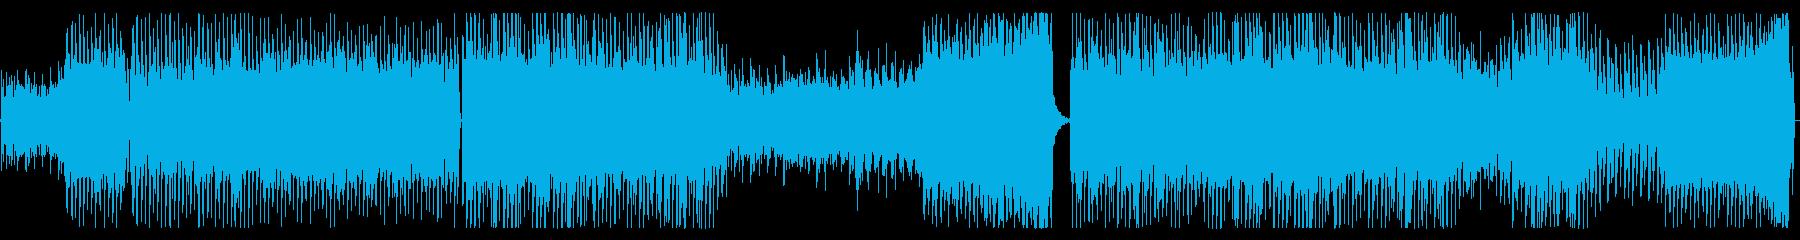 切ないトランス系ピアノEDMの再生済みの波形